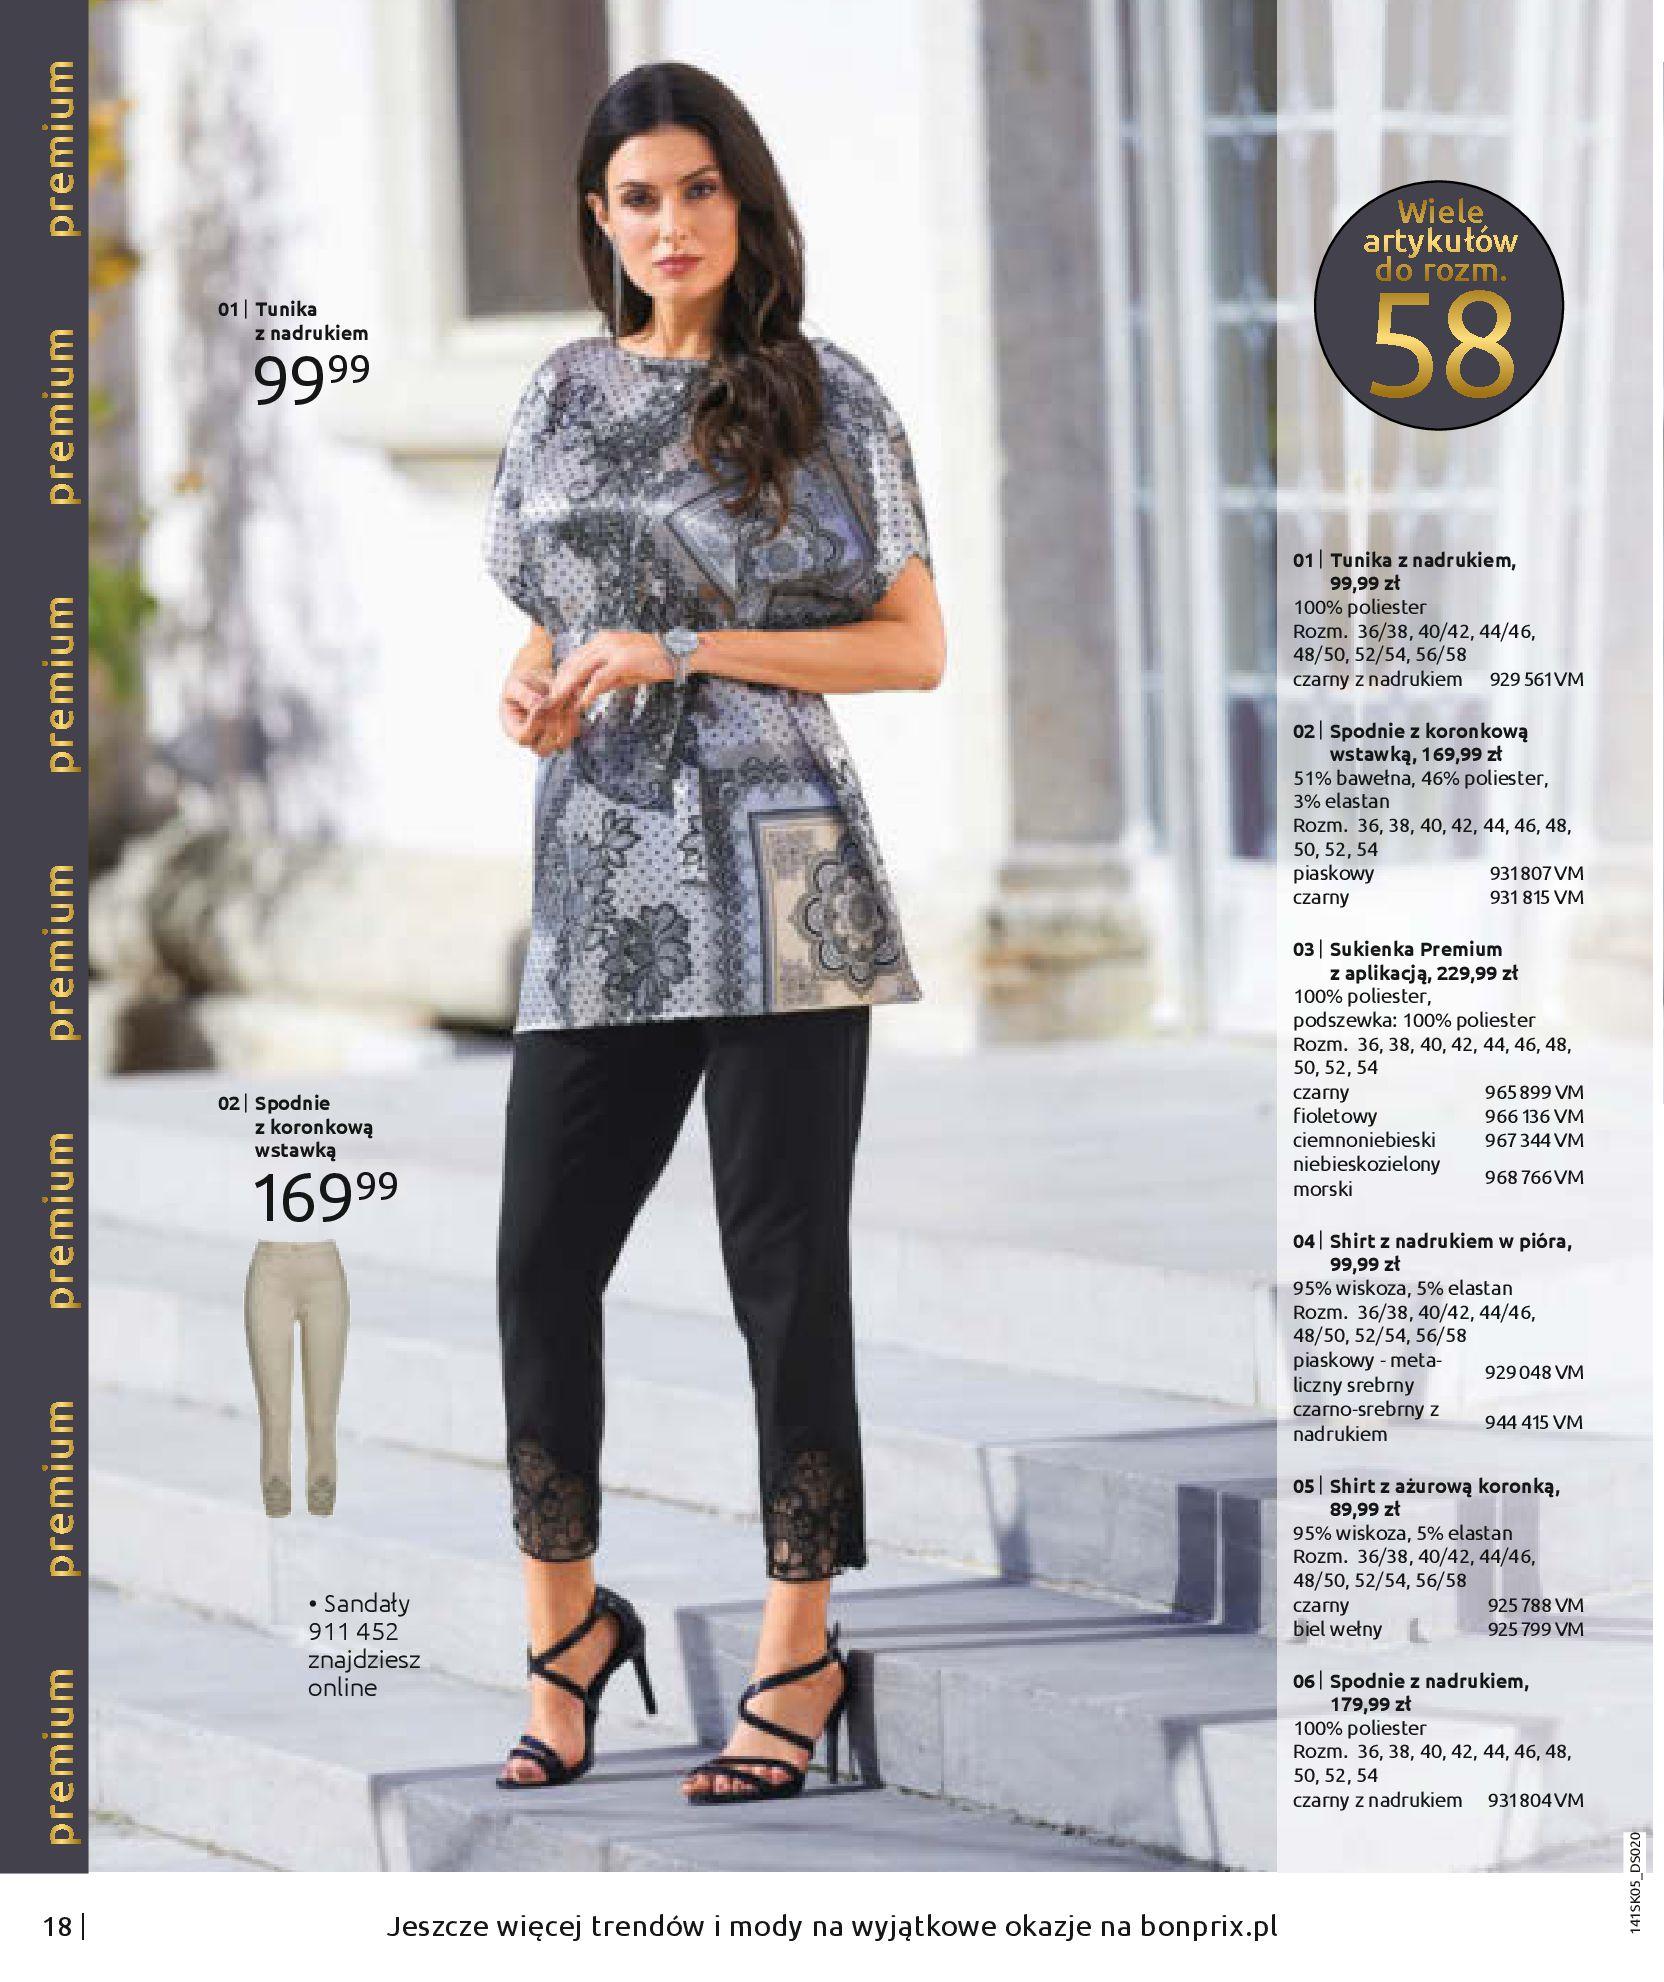 Gazetka Bonprix - Zachwycający look-25.08.2020-18.11.2020-page-20